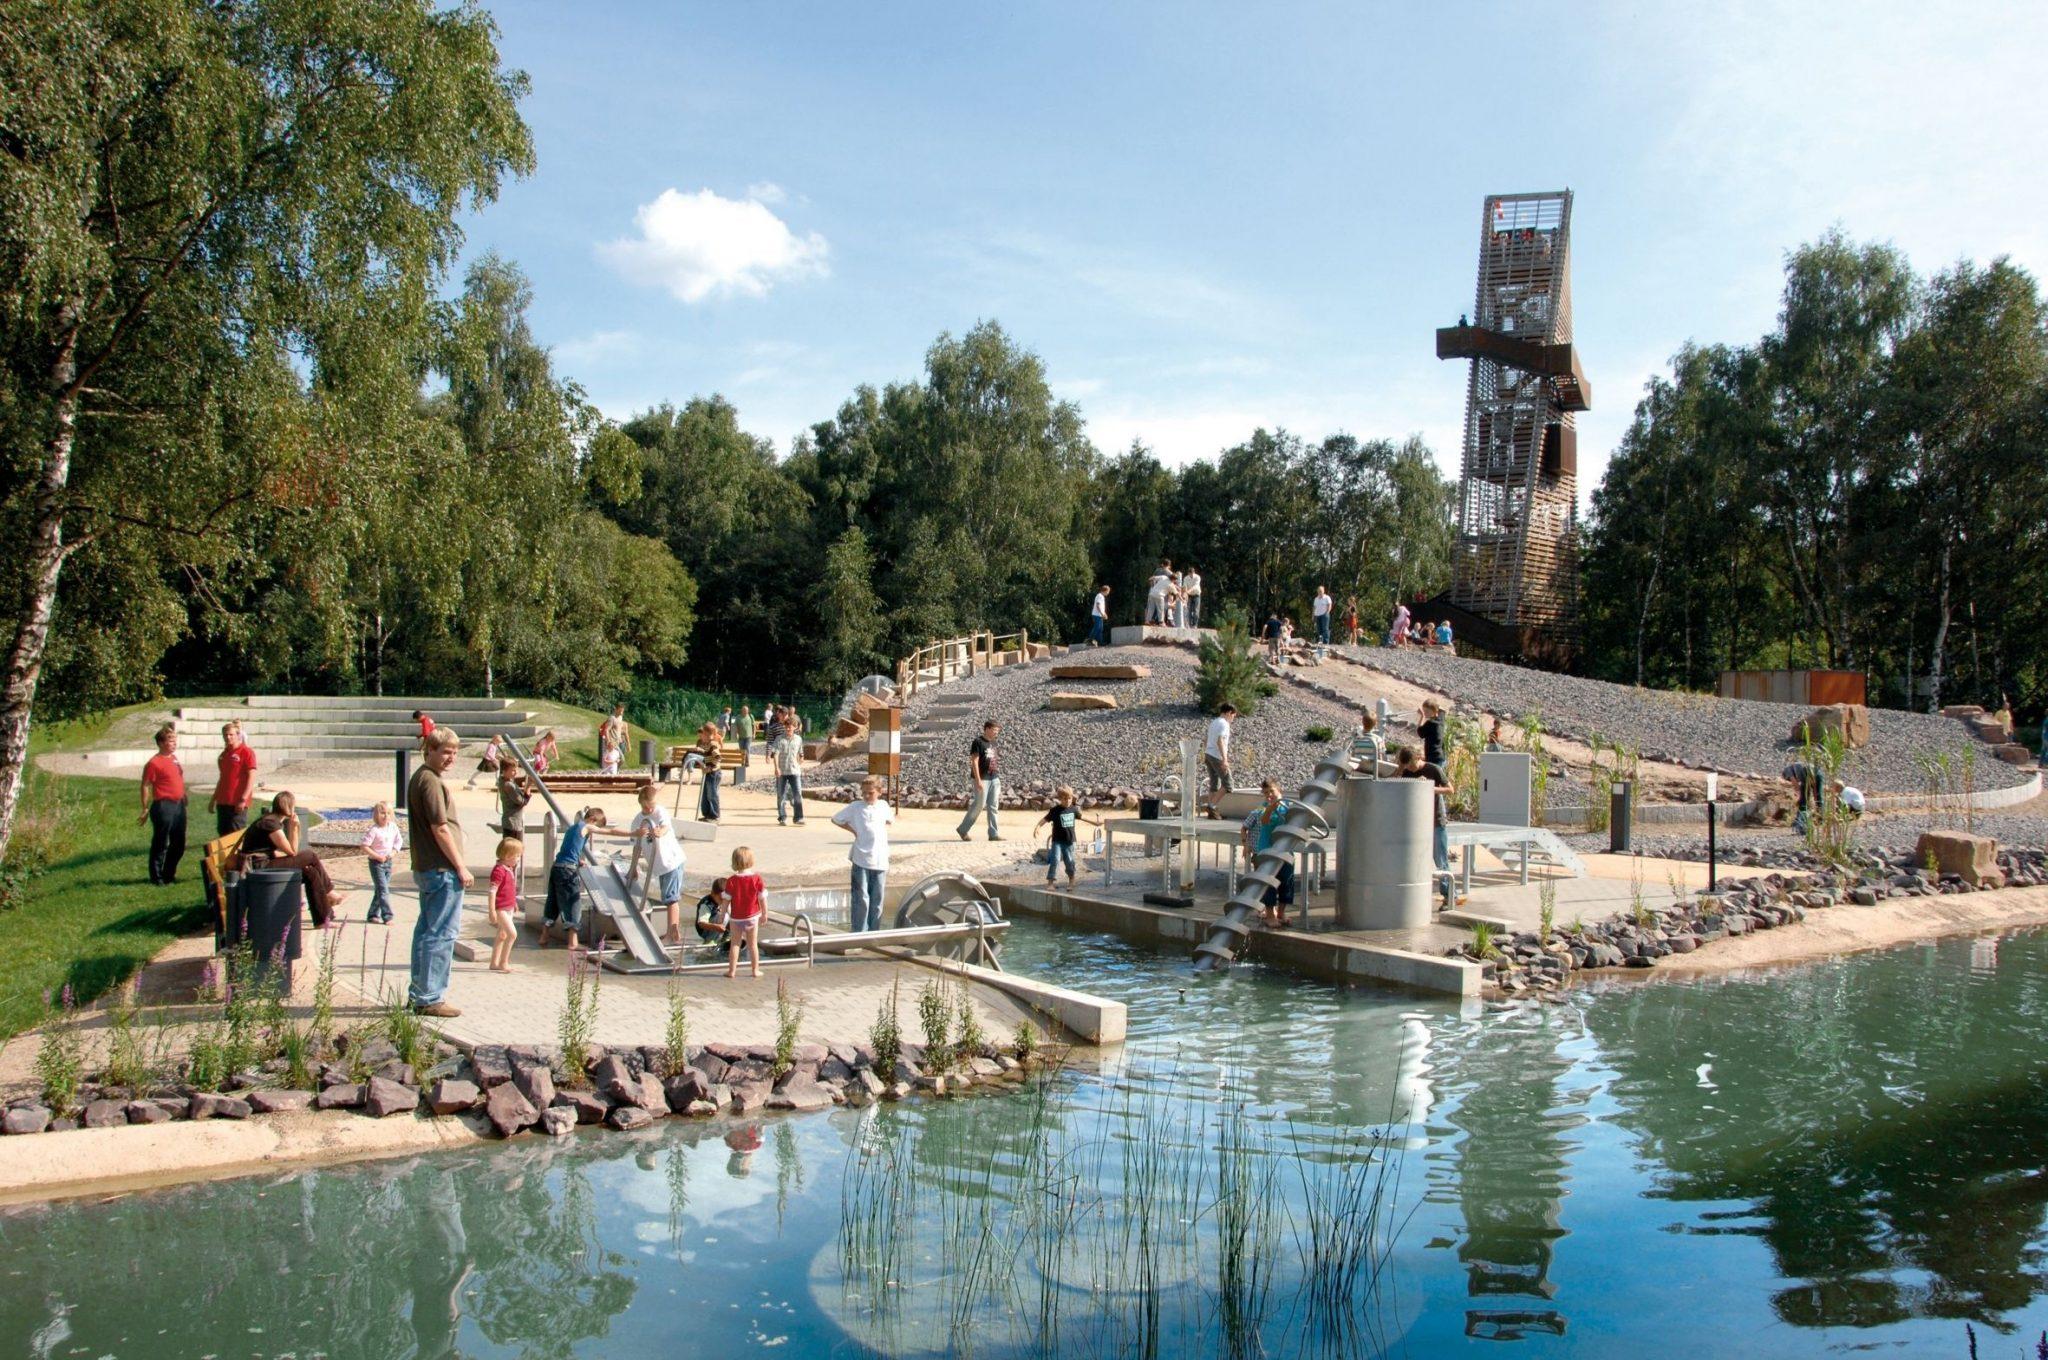 Zu jeder Jahreszeit ein Erlebnis: Im Universum® Bremen darf auch draußen an der frischen Luft geforscht werden! Wie weit man wohl vom 27 Meter hohen Turm der Lüfte gucken kann?